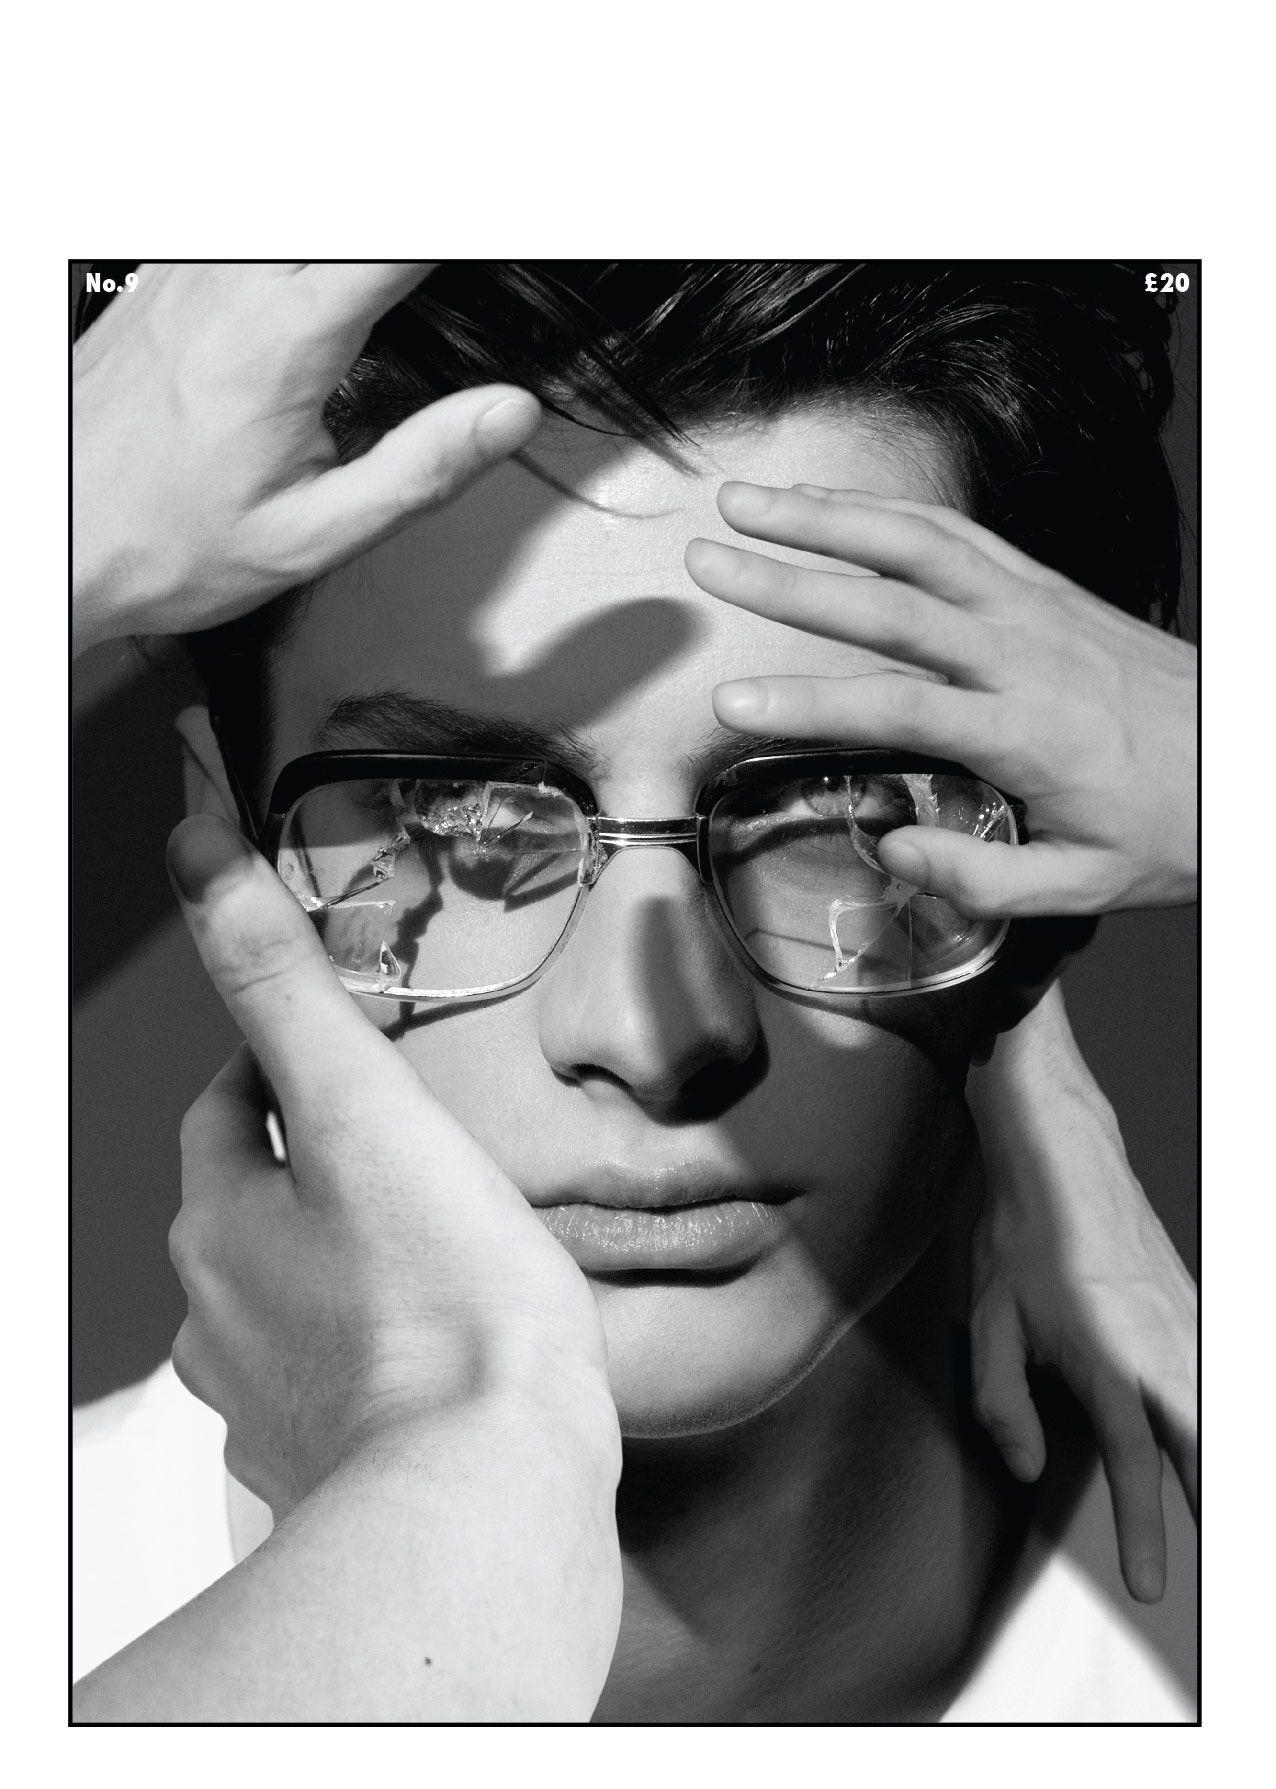 Matthew bell en portada de client magazine 9